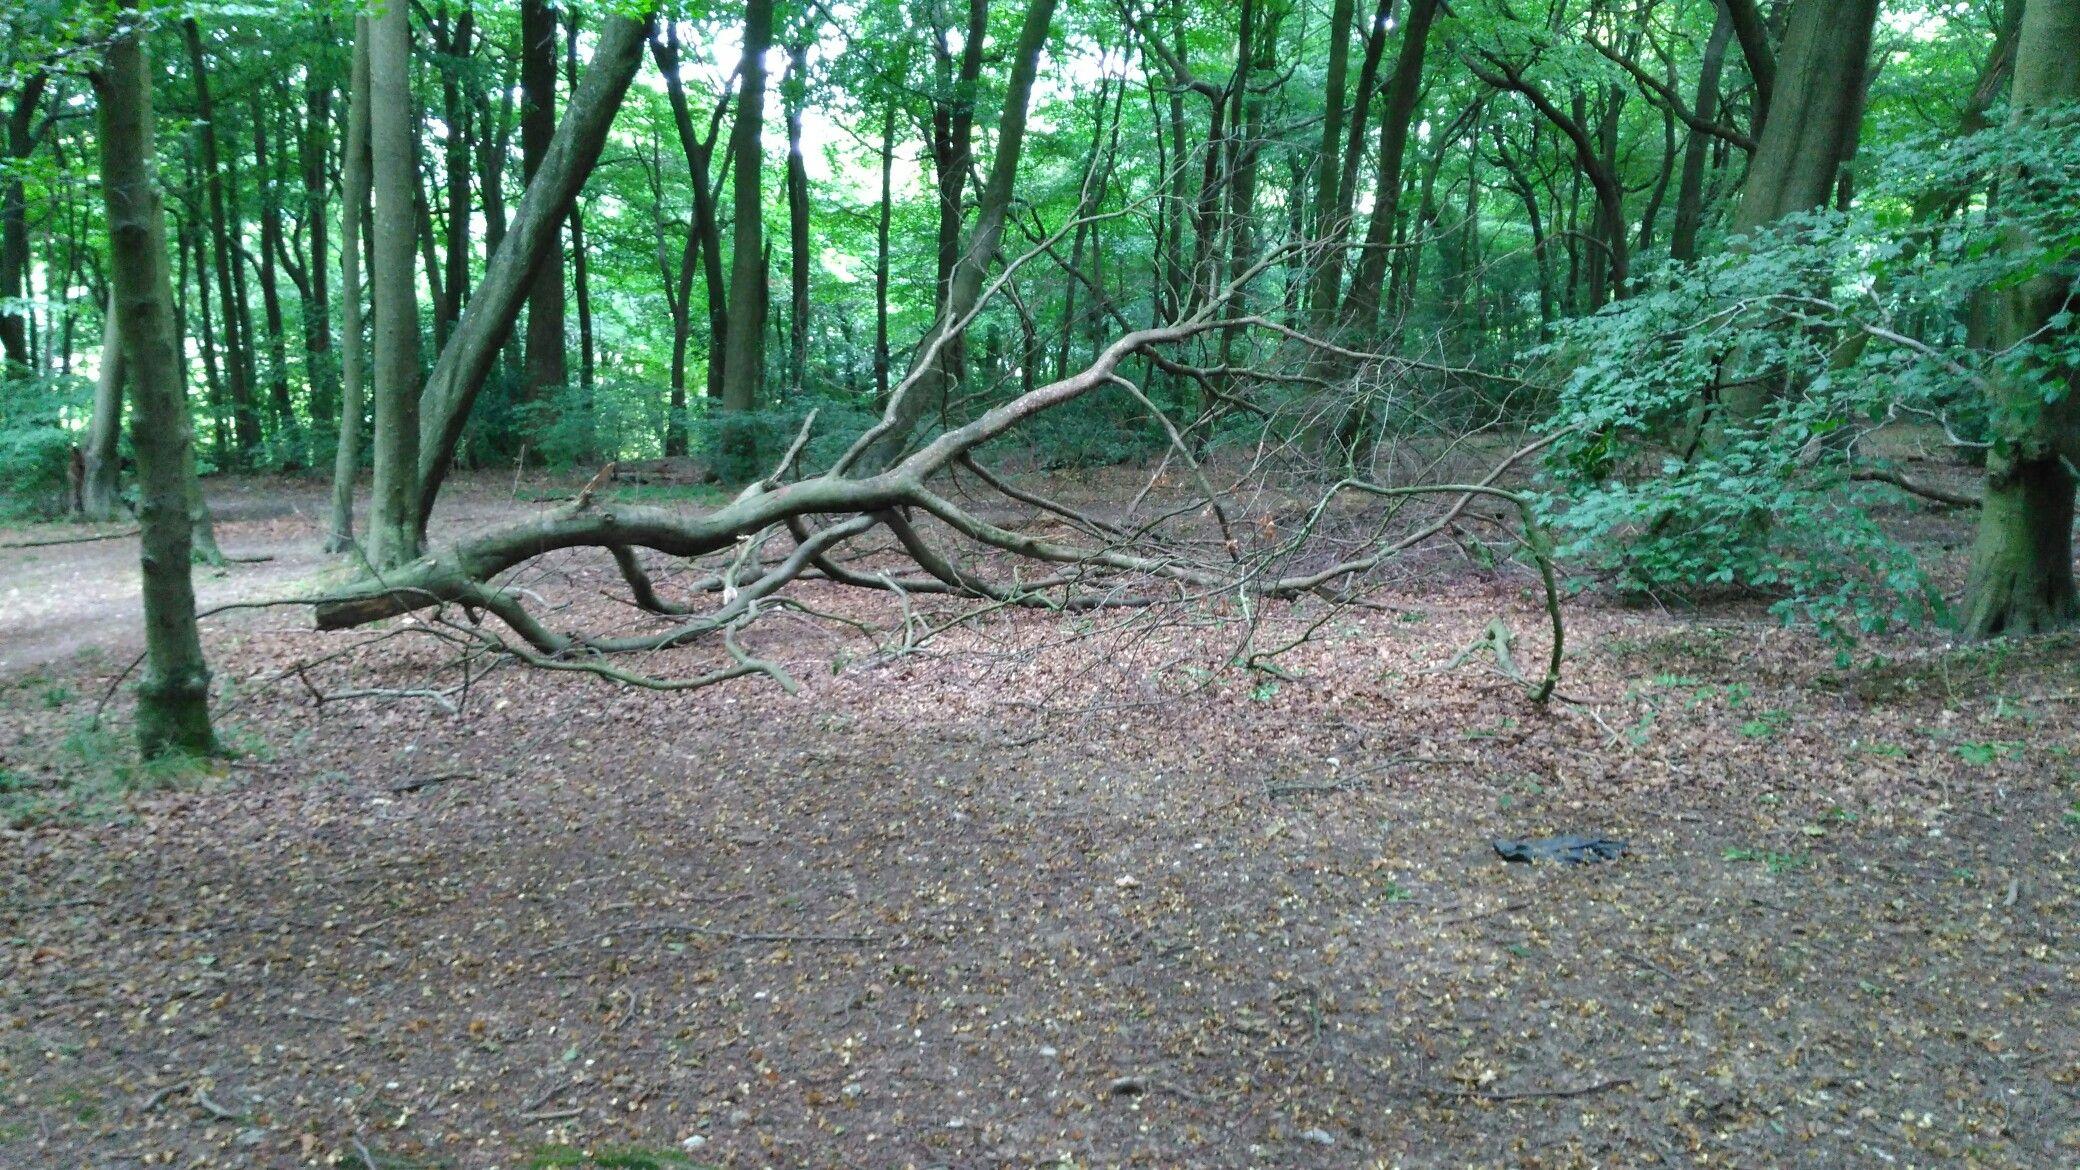 Fallen tree branch | Autumn trees, Midsummer nights dream ...